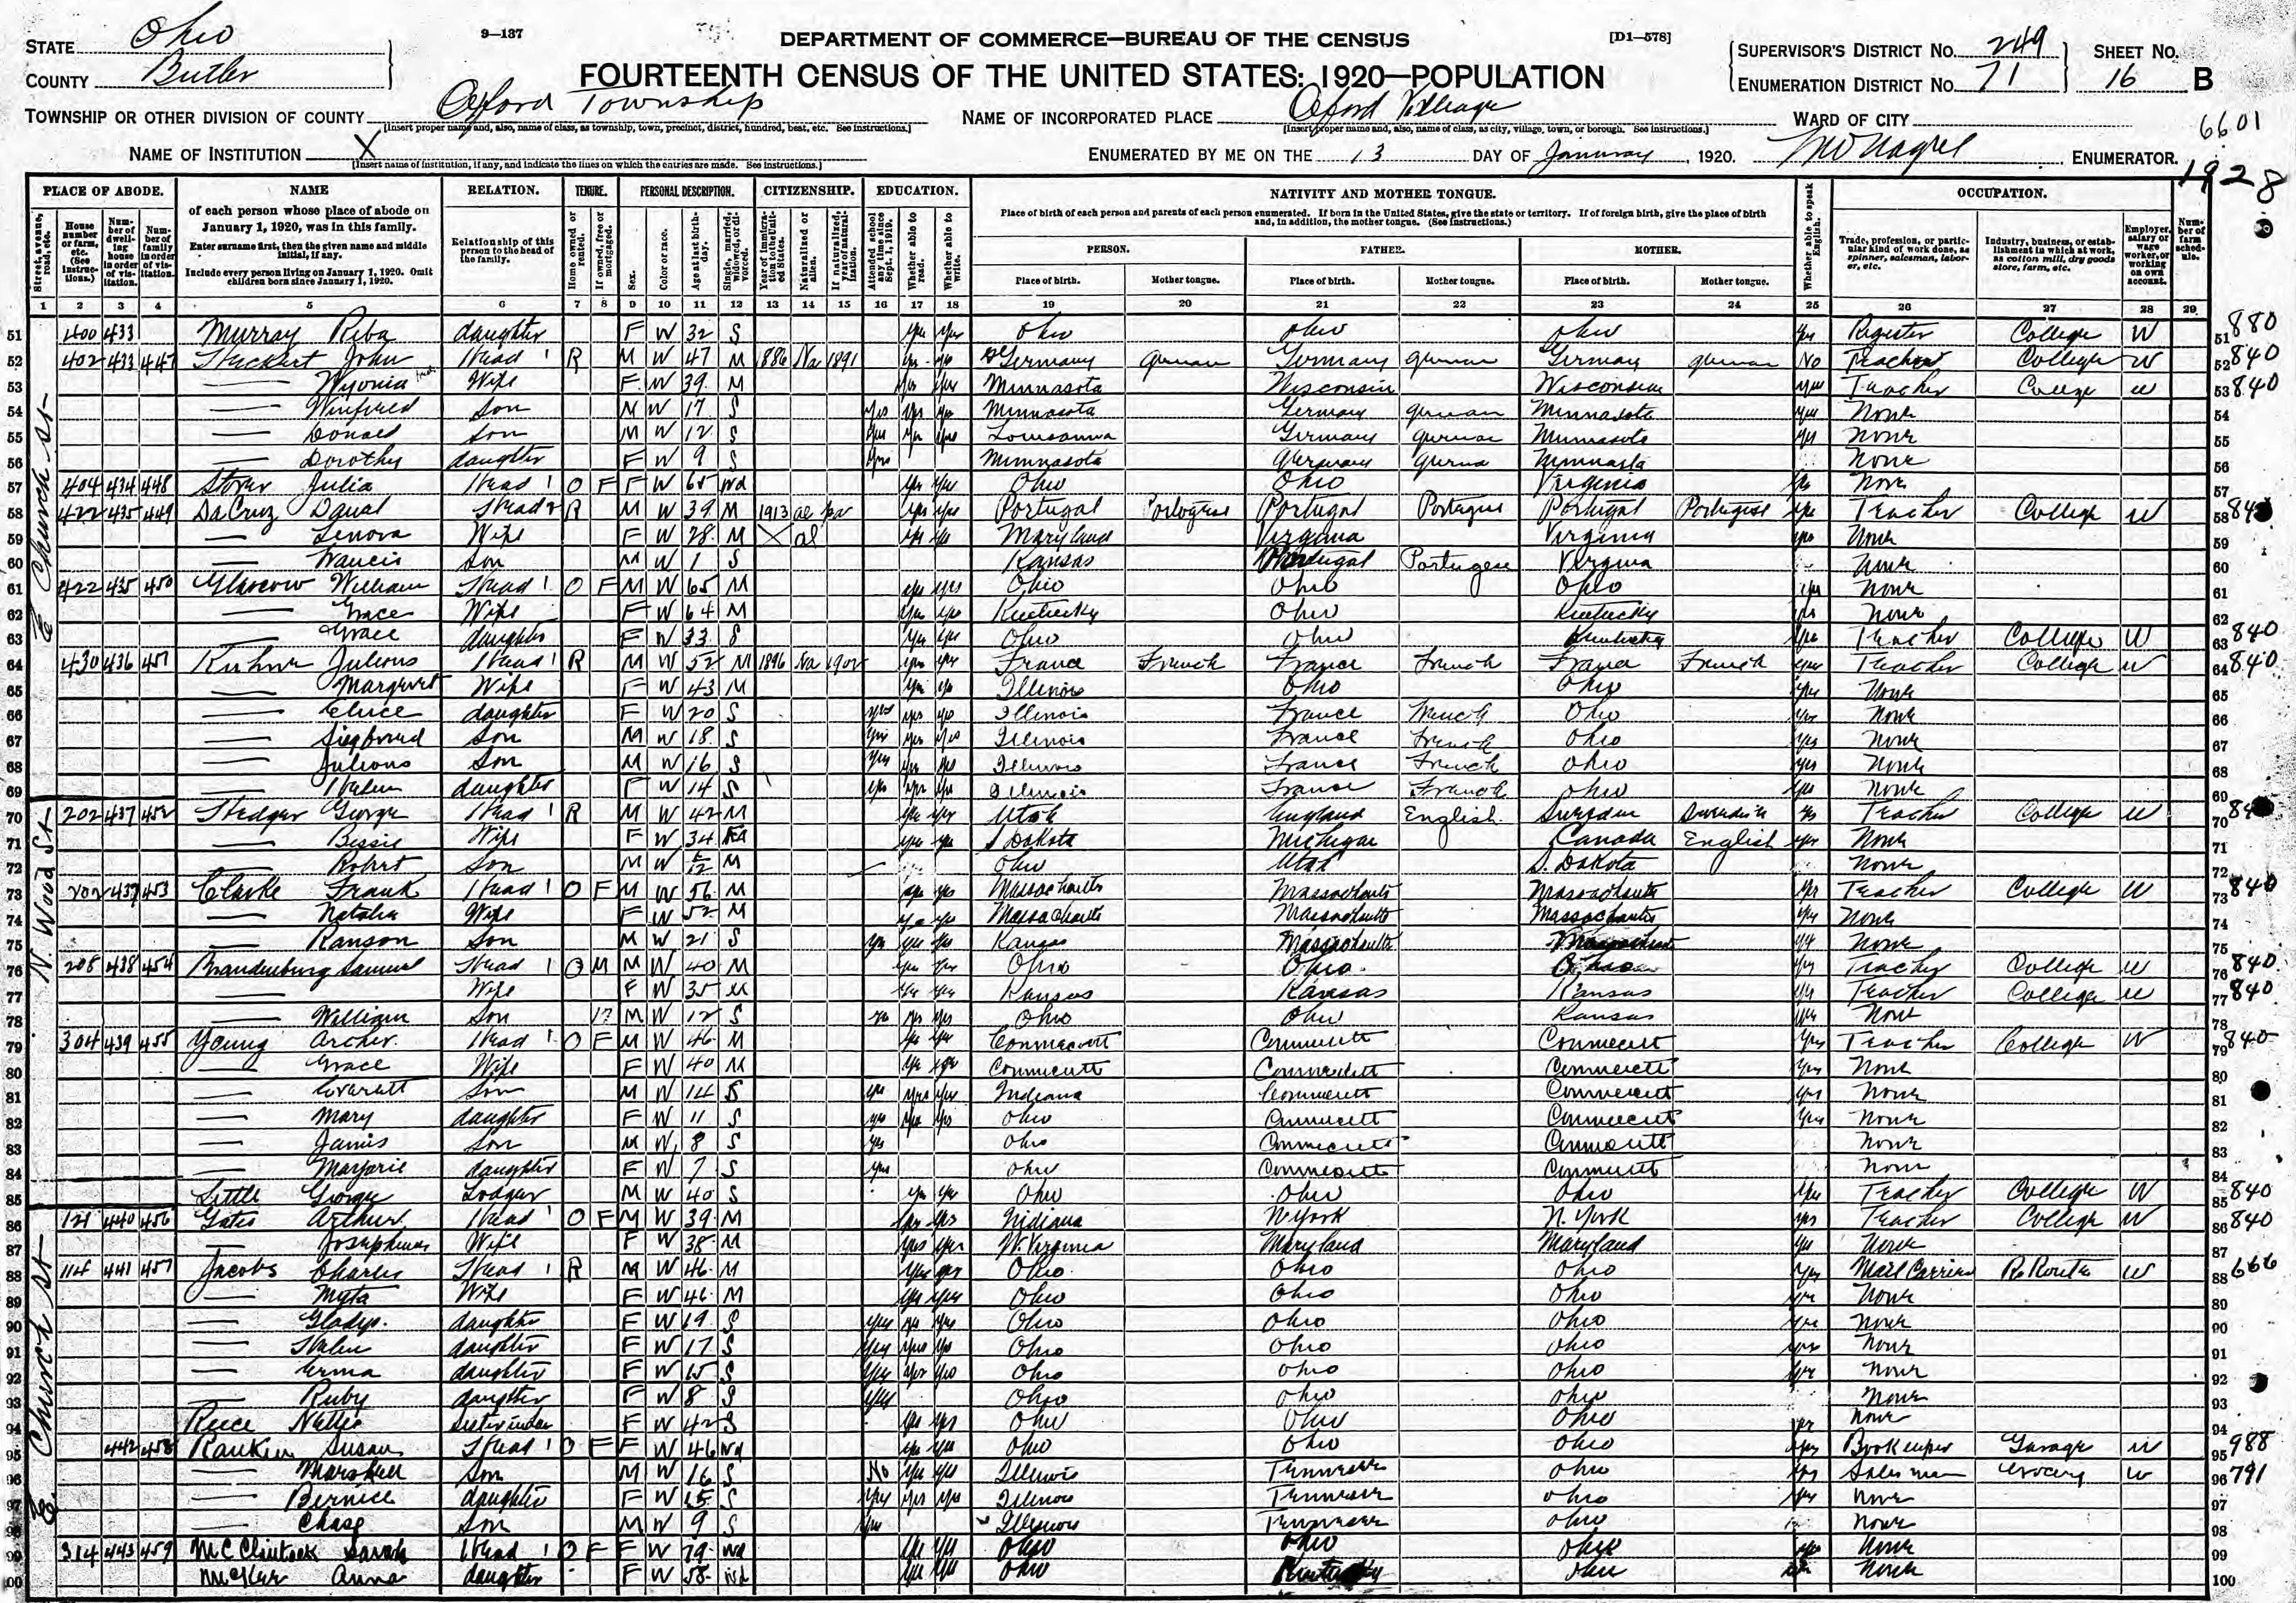 1920 Census form